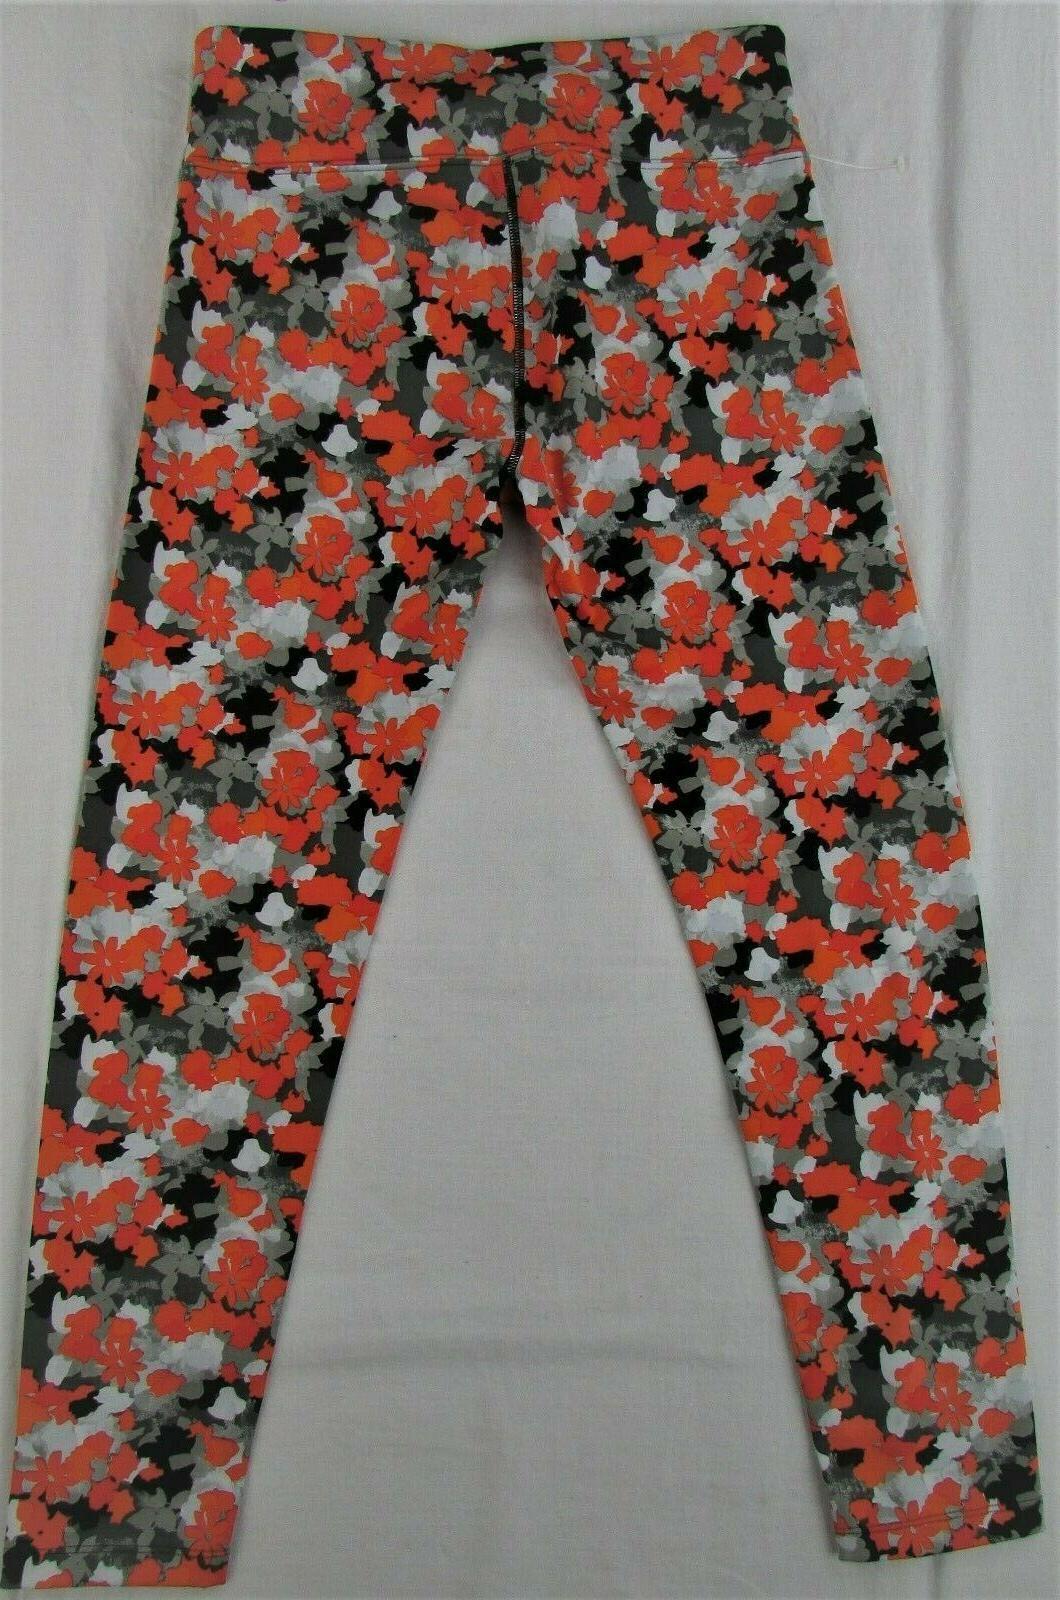 Baltimore Orioles G-III Women's Pants